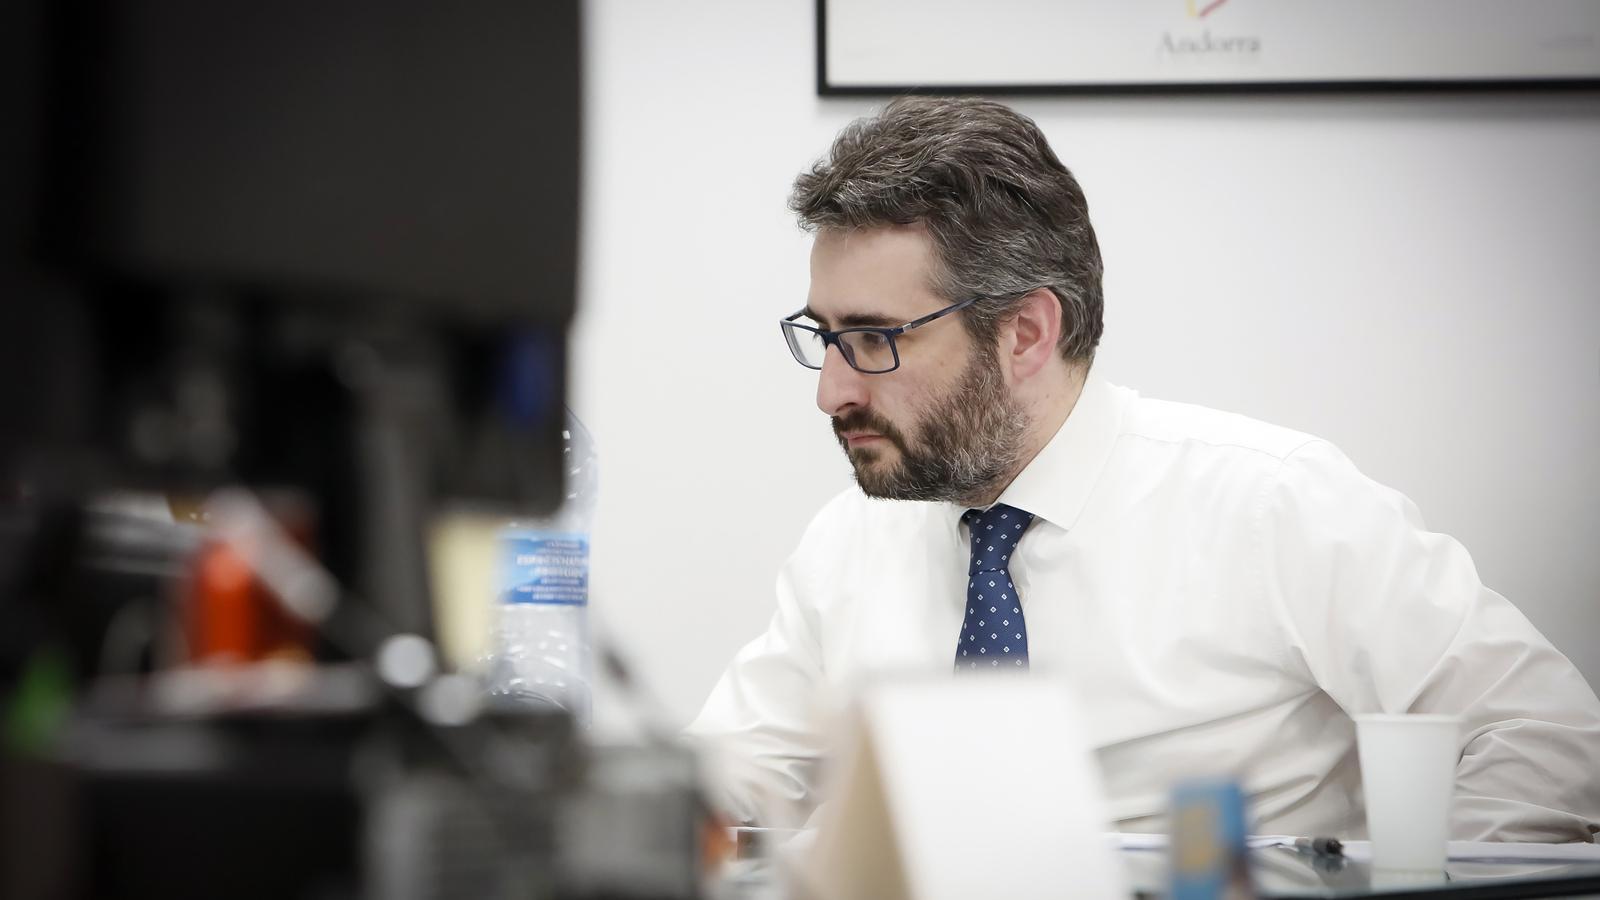 El ministre Portaveu, Eric Jover, prepara la roda de premsa d'aquest diumenge al vespre. / SFG